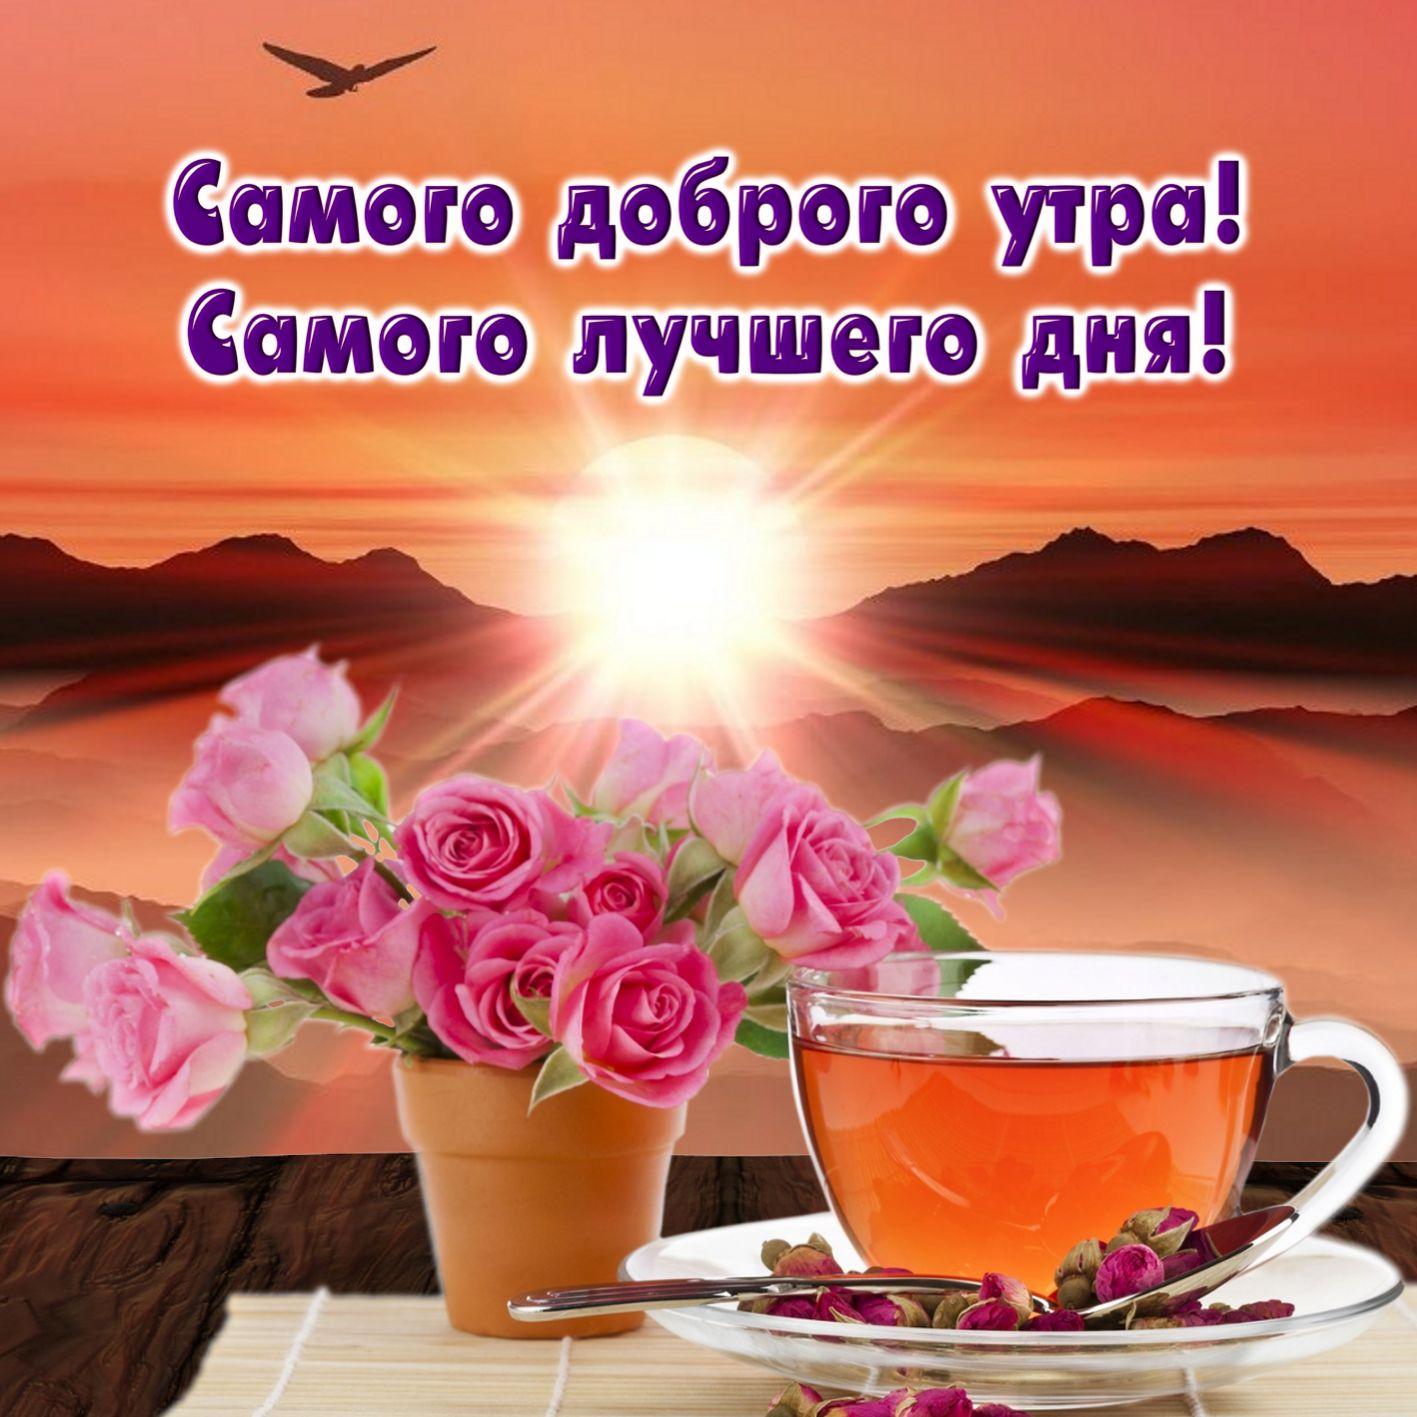 Поздравления днем, самая добрая открытка с добрым утром